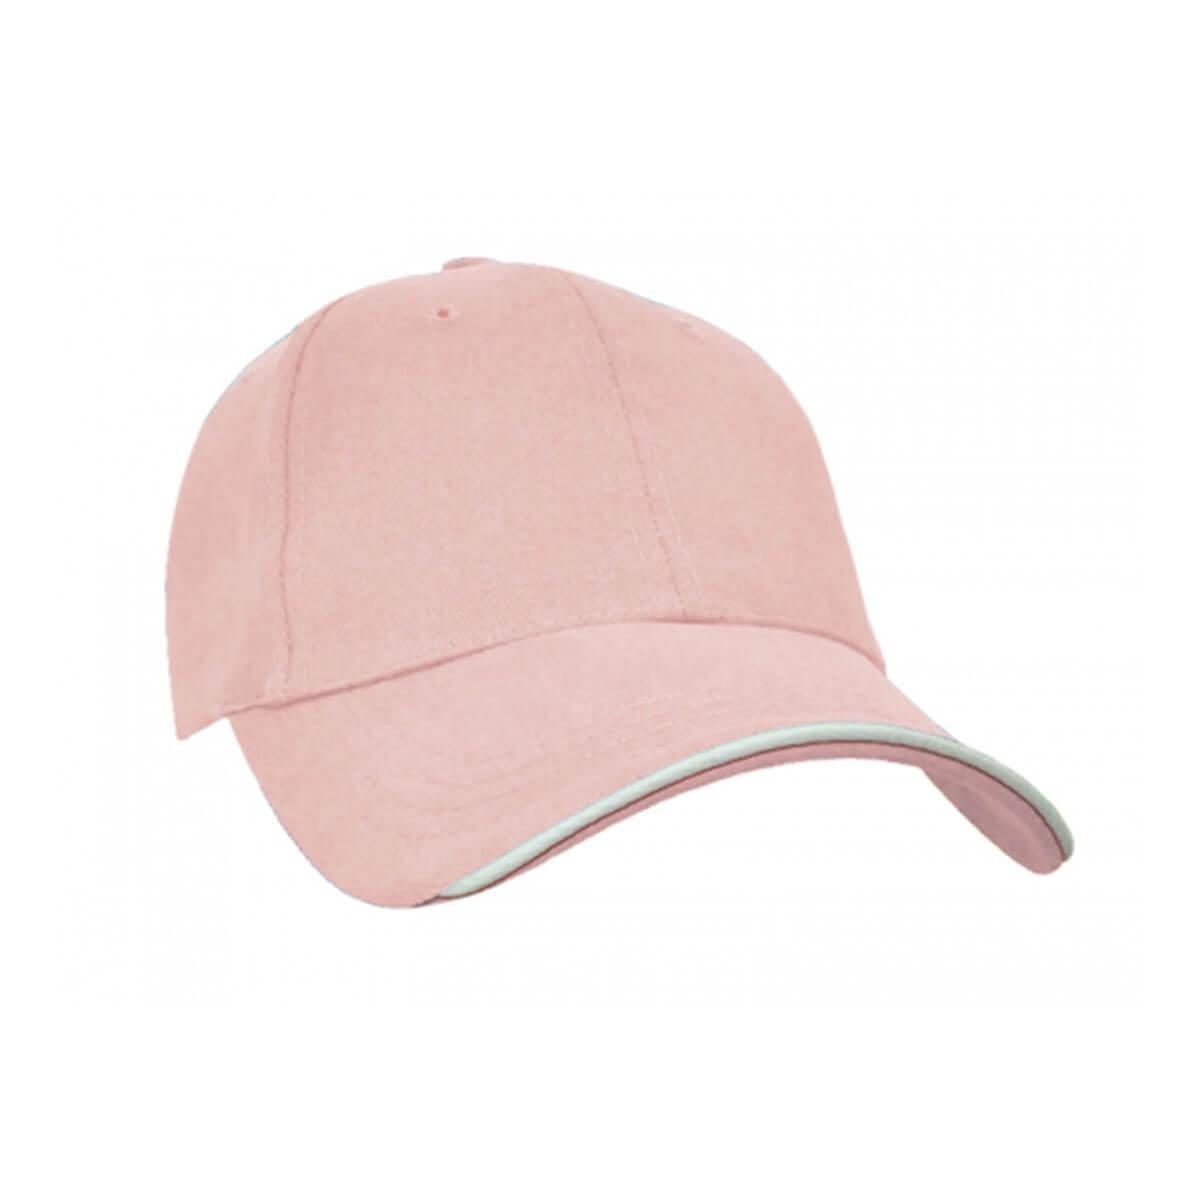 Navigator Cap-Pink / White / Pink